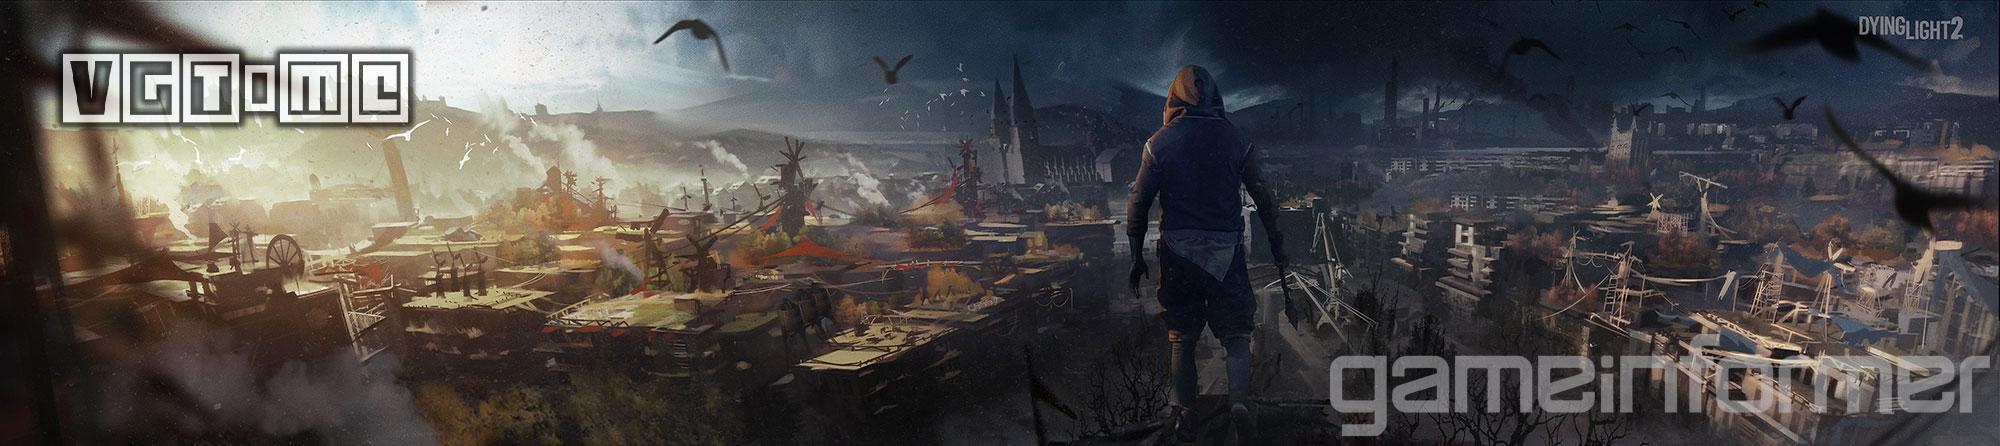 在《消逝的光芒2》中,玩家的选择将会影响社会秩序重建